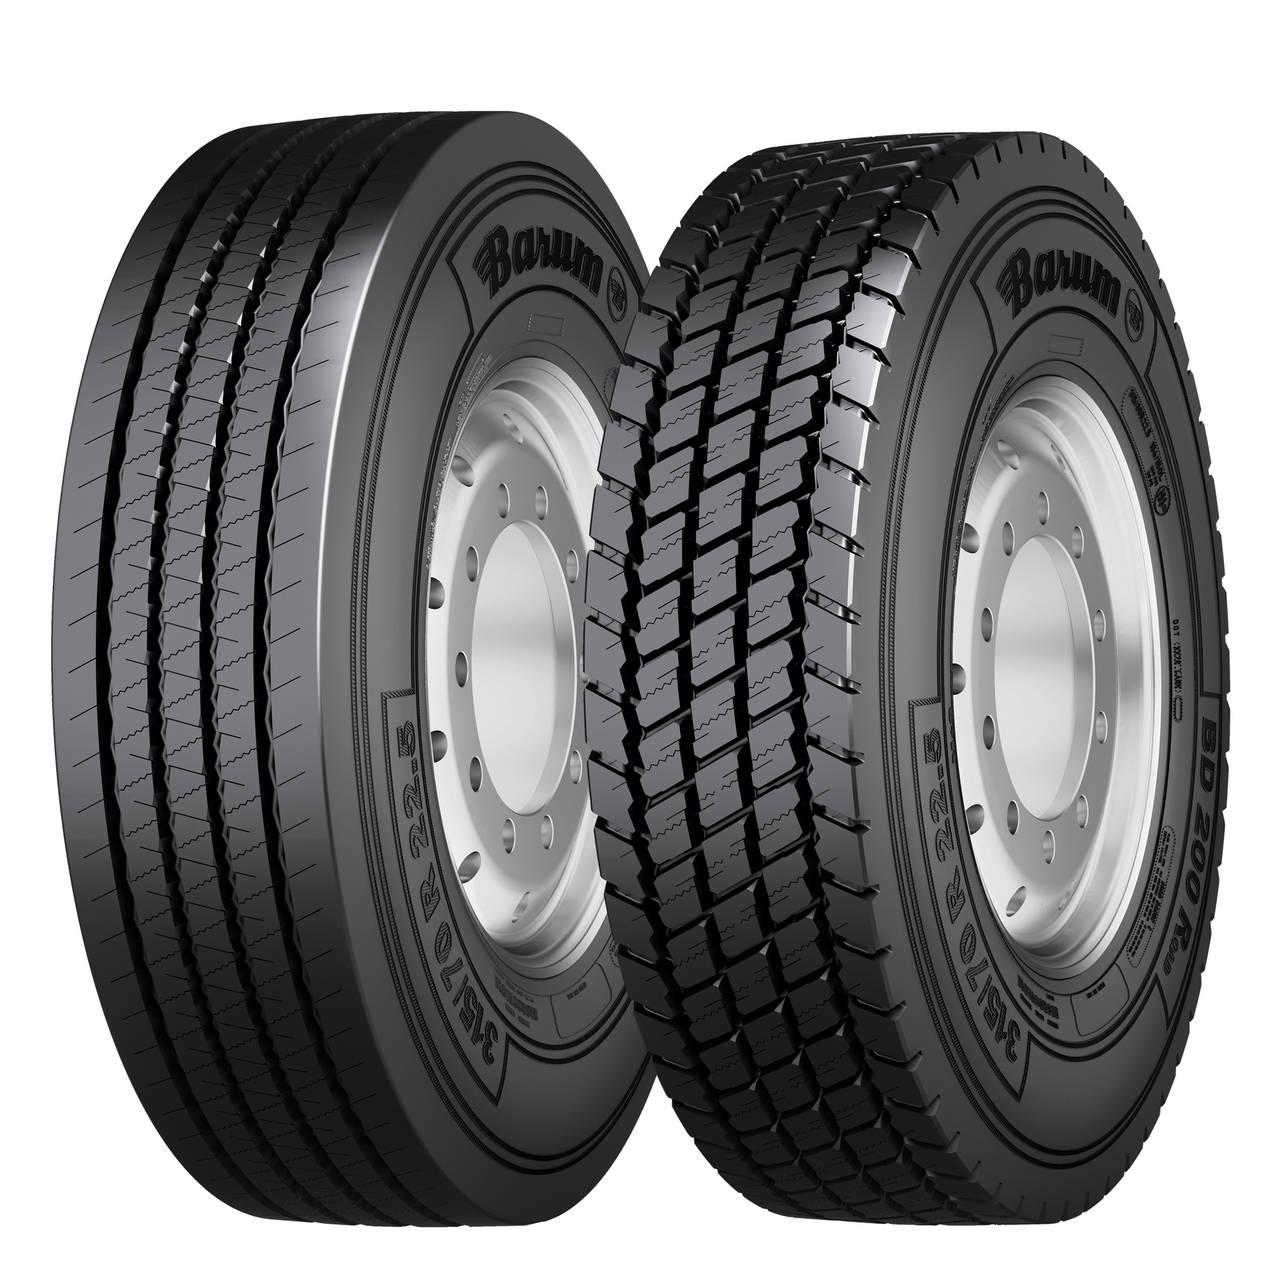 Nuevas dimensiones de neumáticos Barum